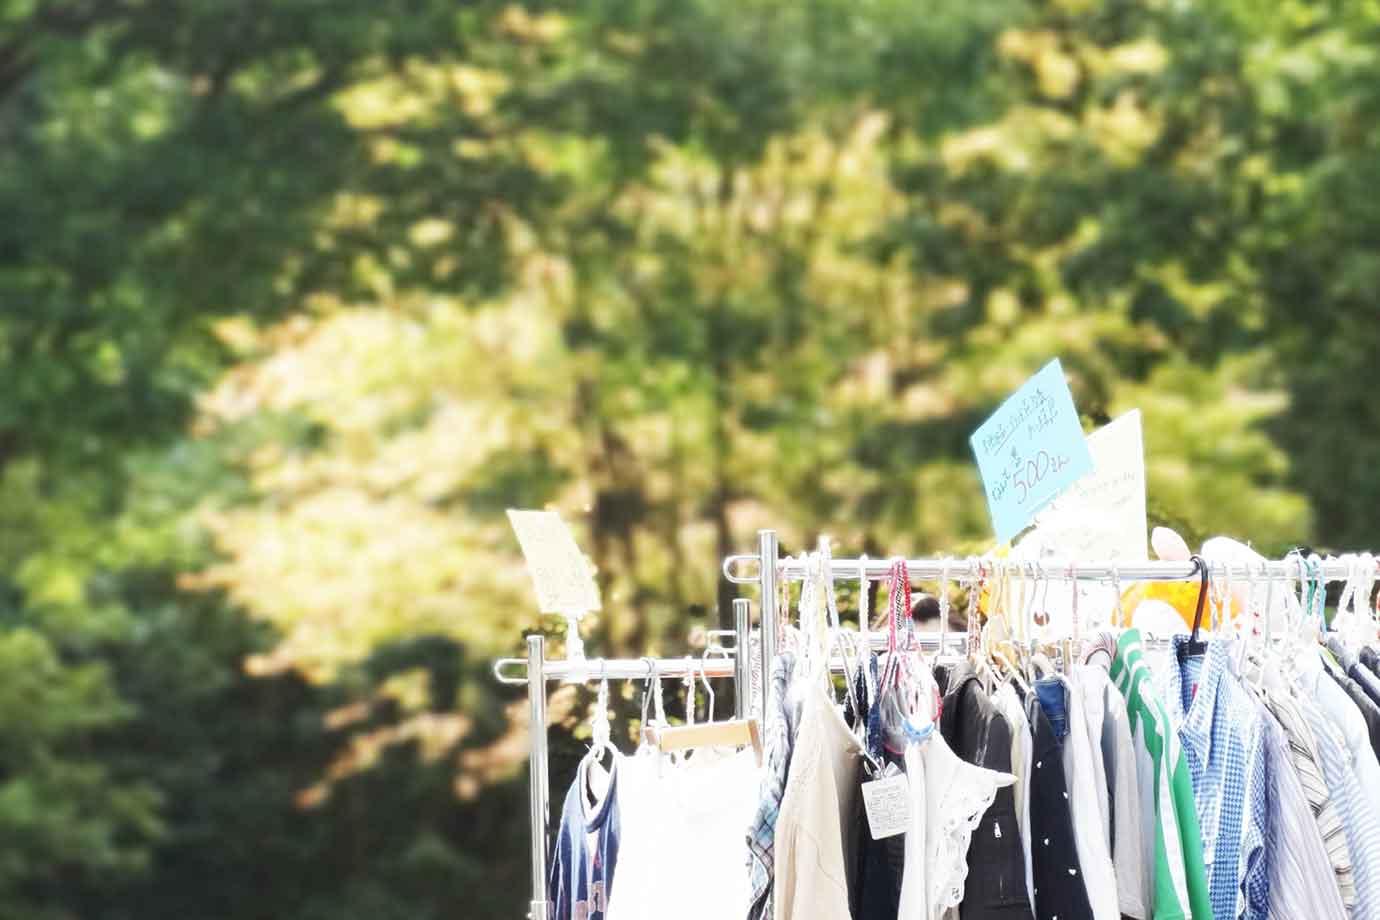 サスティナブルファッションは、ファッションの分野での持続可能な社会を目指す取り組みです